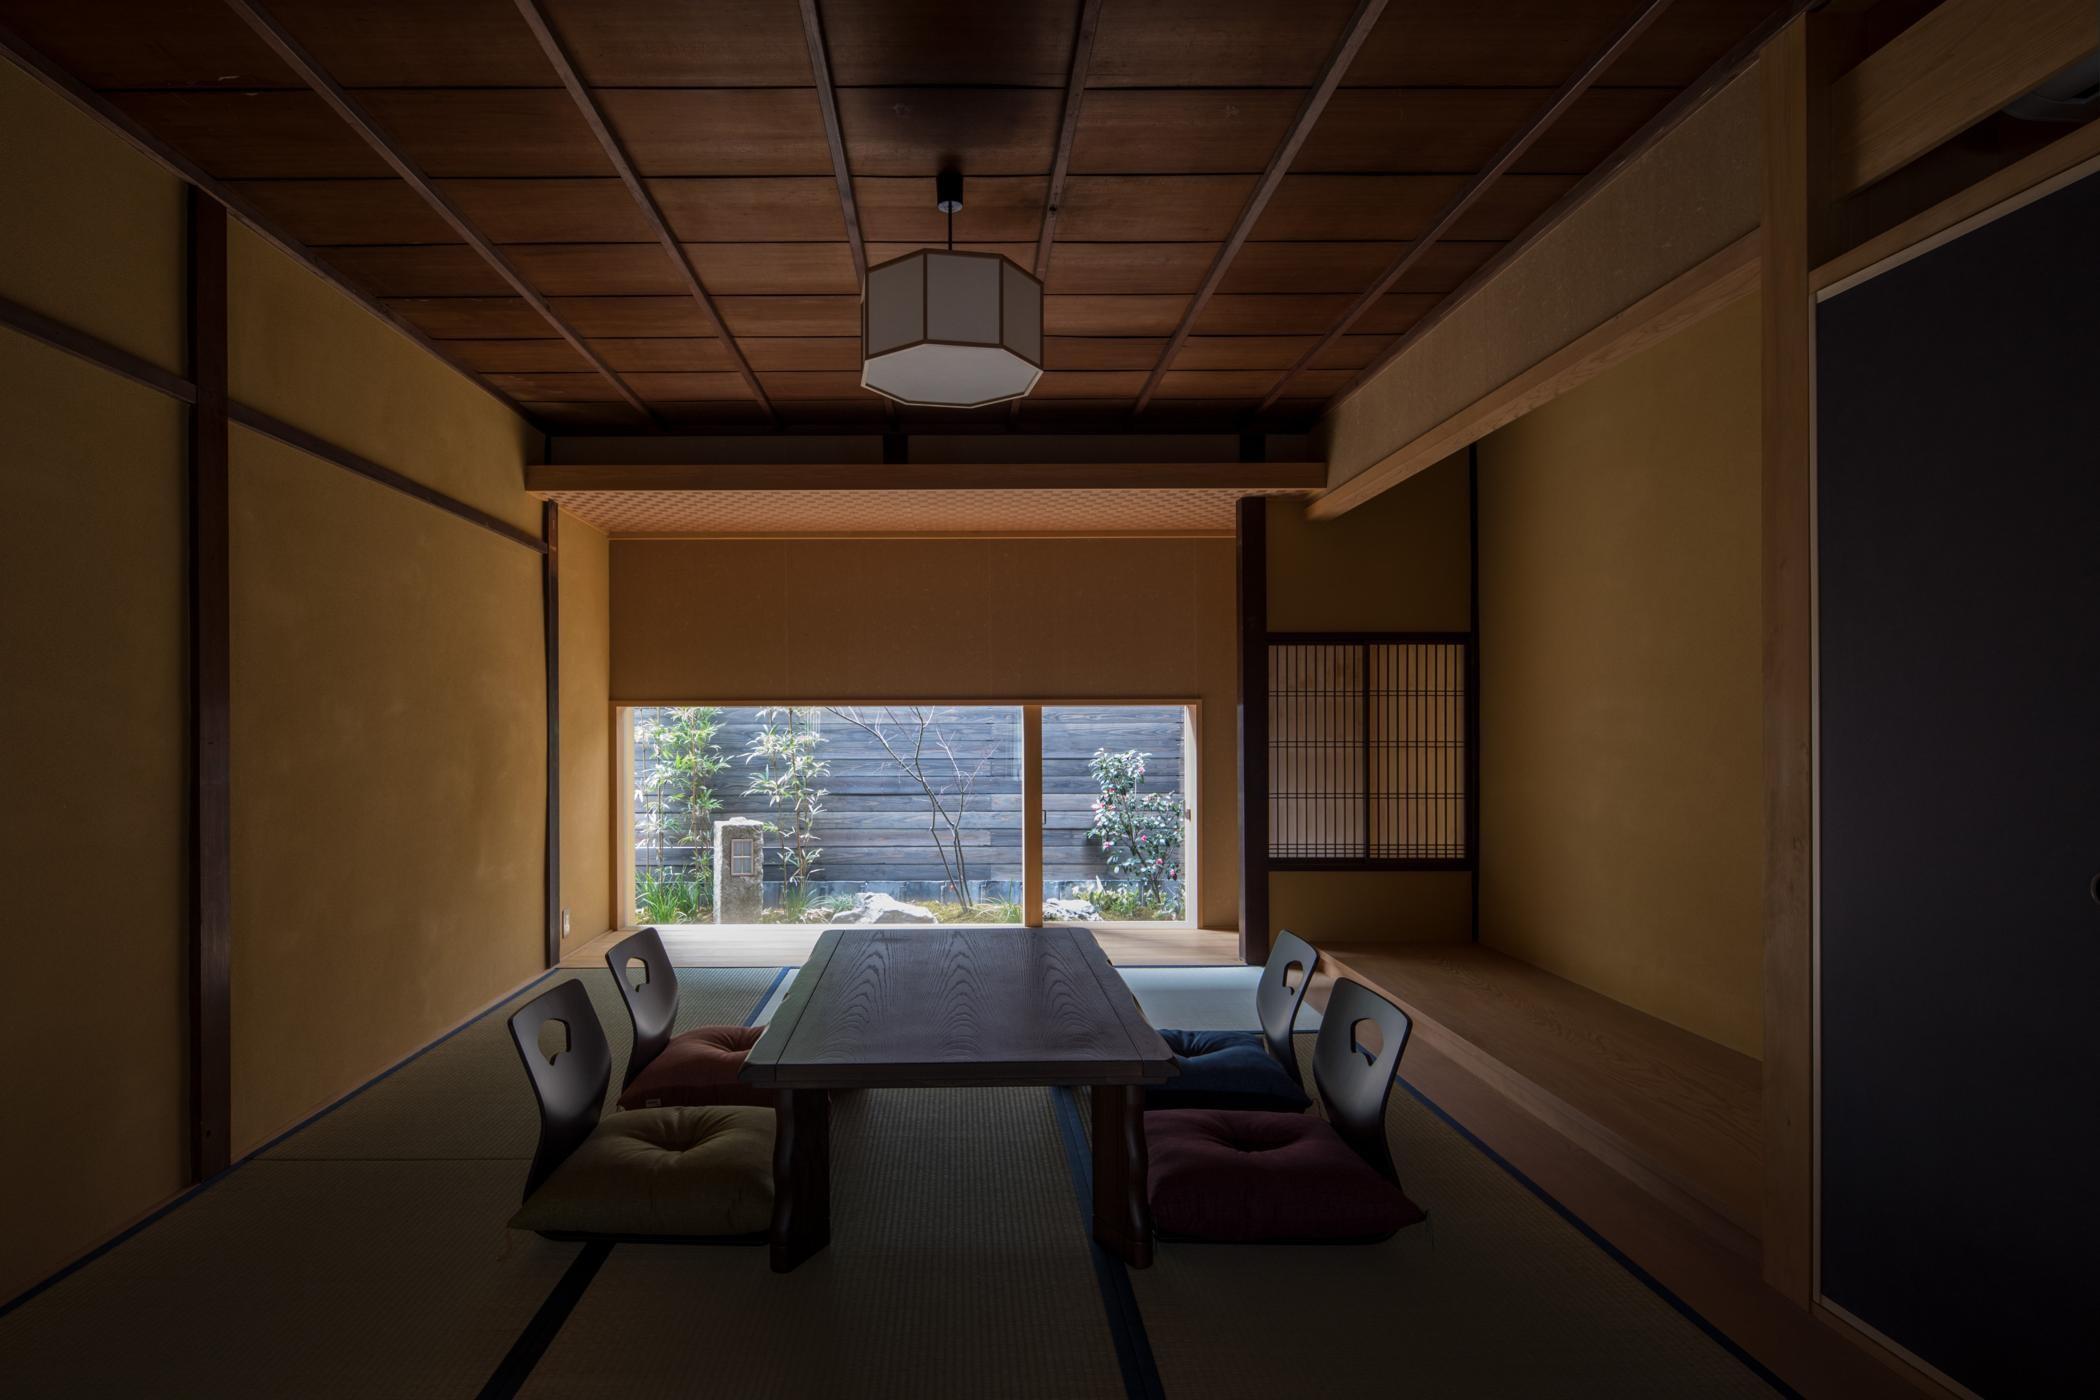 リビングダイニング事例:居間/天井と壁は元々の素材を活かし、床の間は新たに設えています(学林町の町家/耐震・断熱改修も行った京町家のリノベーション)